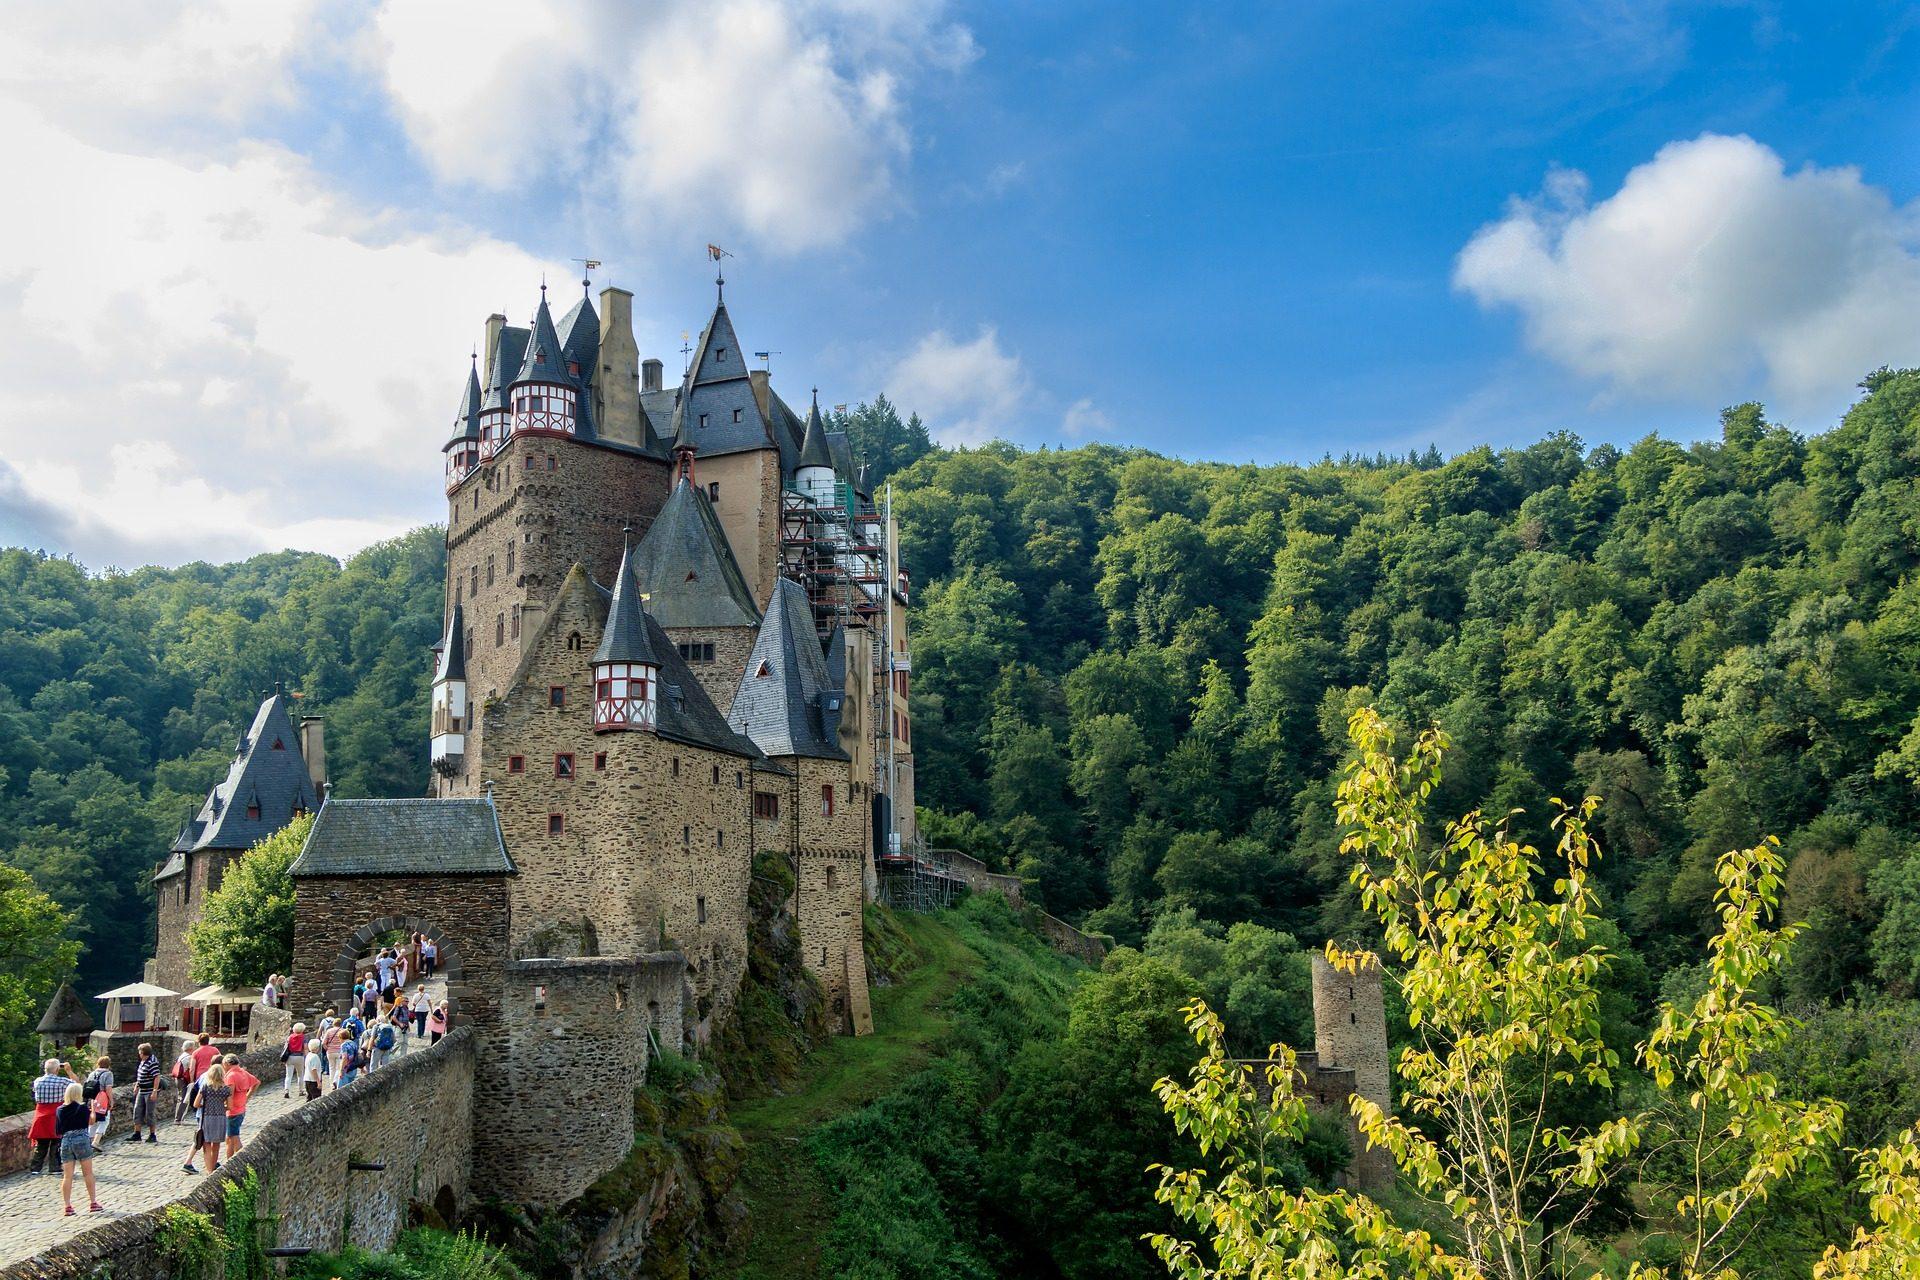 Замок, Крепость, лес, деревья, Замок Эльц, Германия - Обои HD - Профессор falken.com